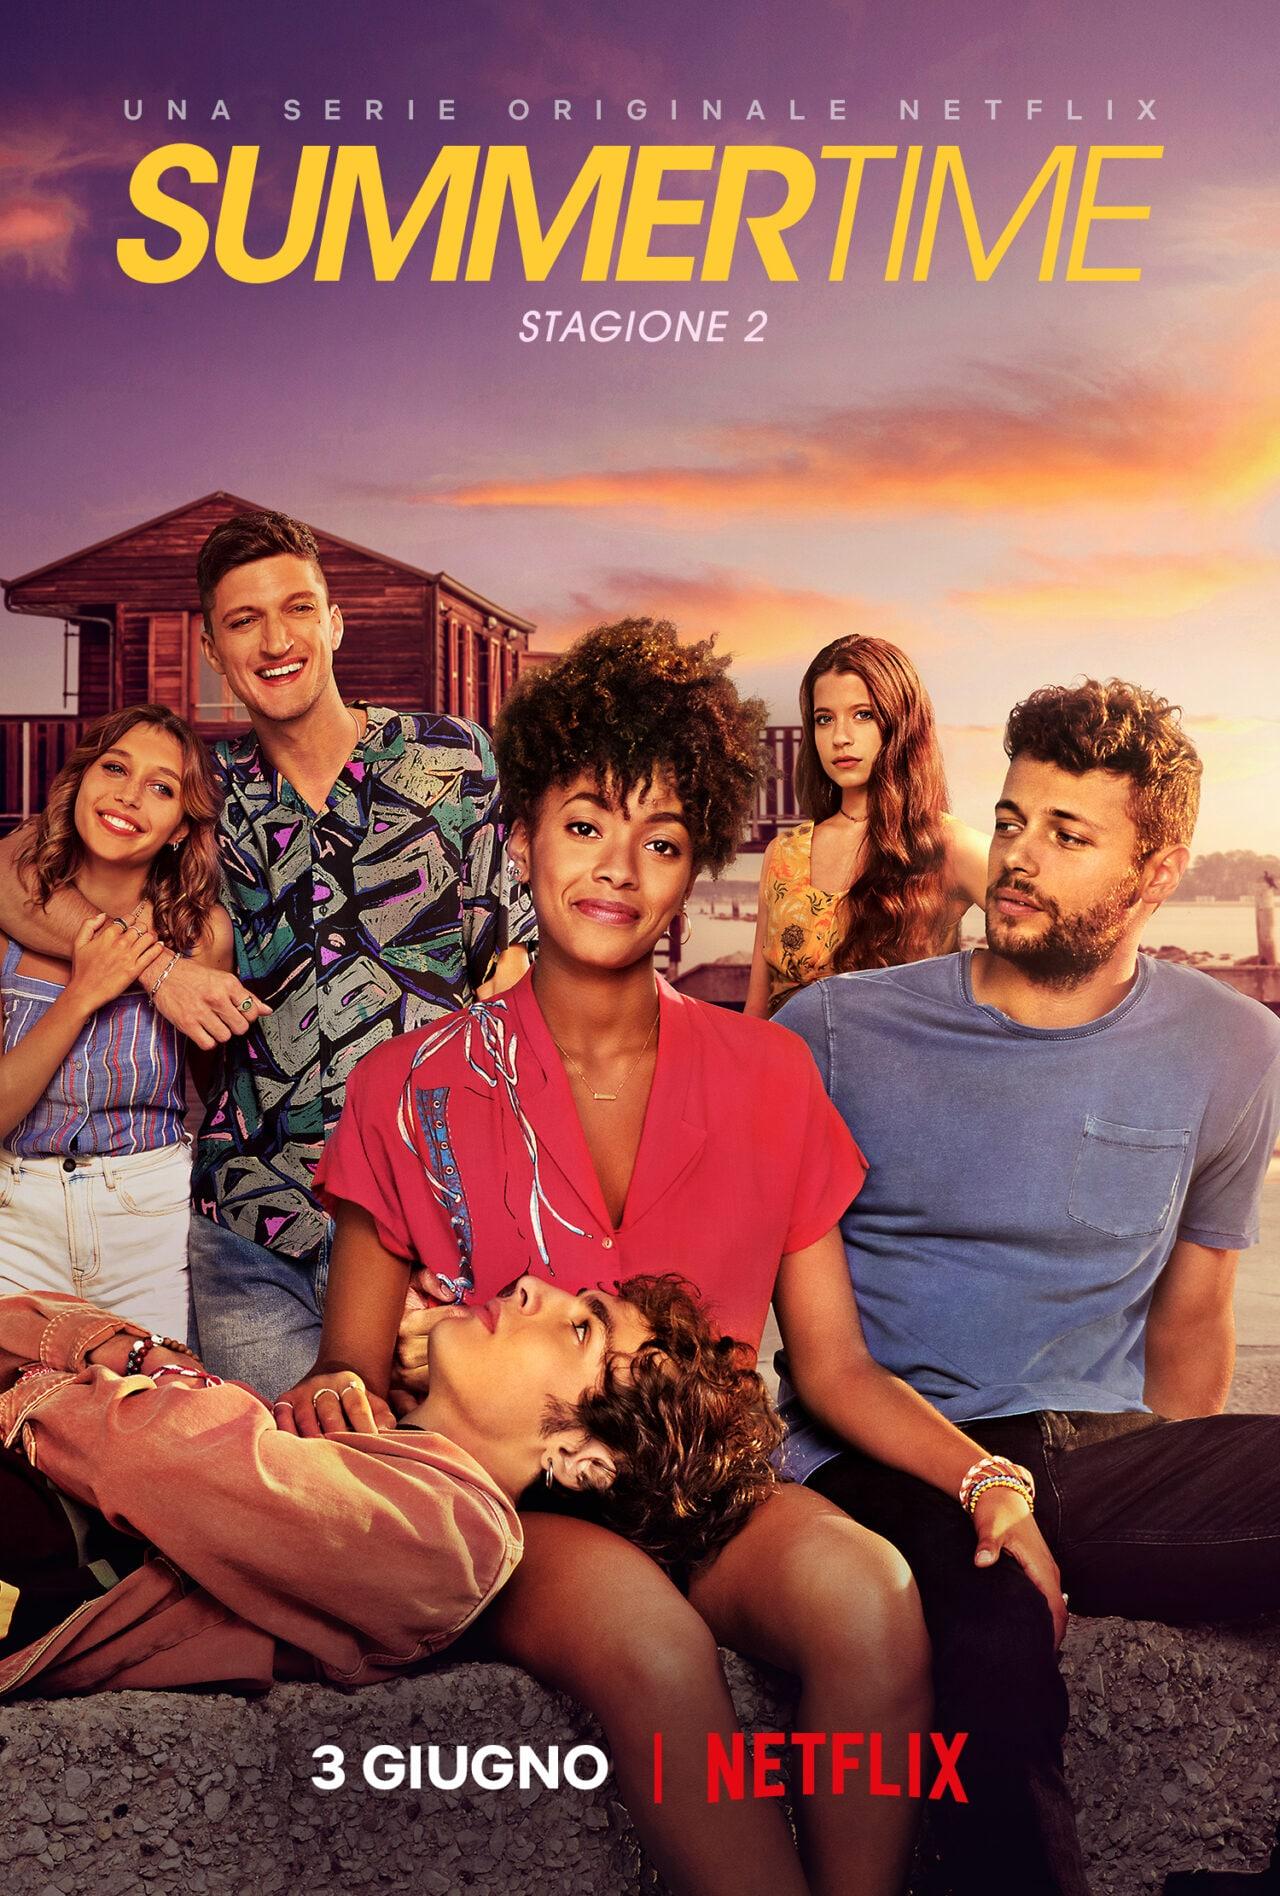 Arriva la seconda stagione di Summertime: dal 3 giugno in esclusiva su Netflix (video)